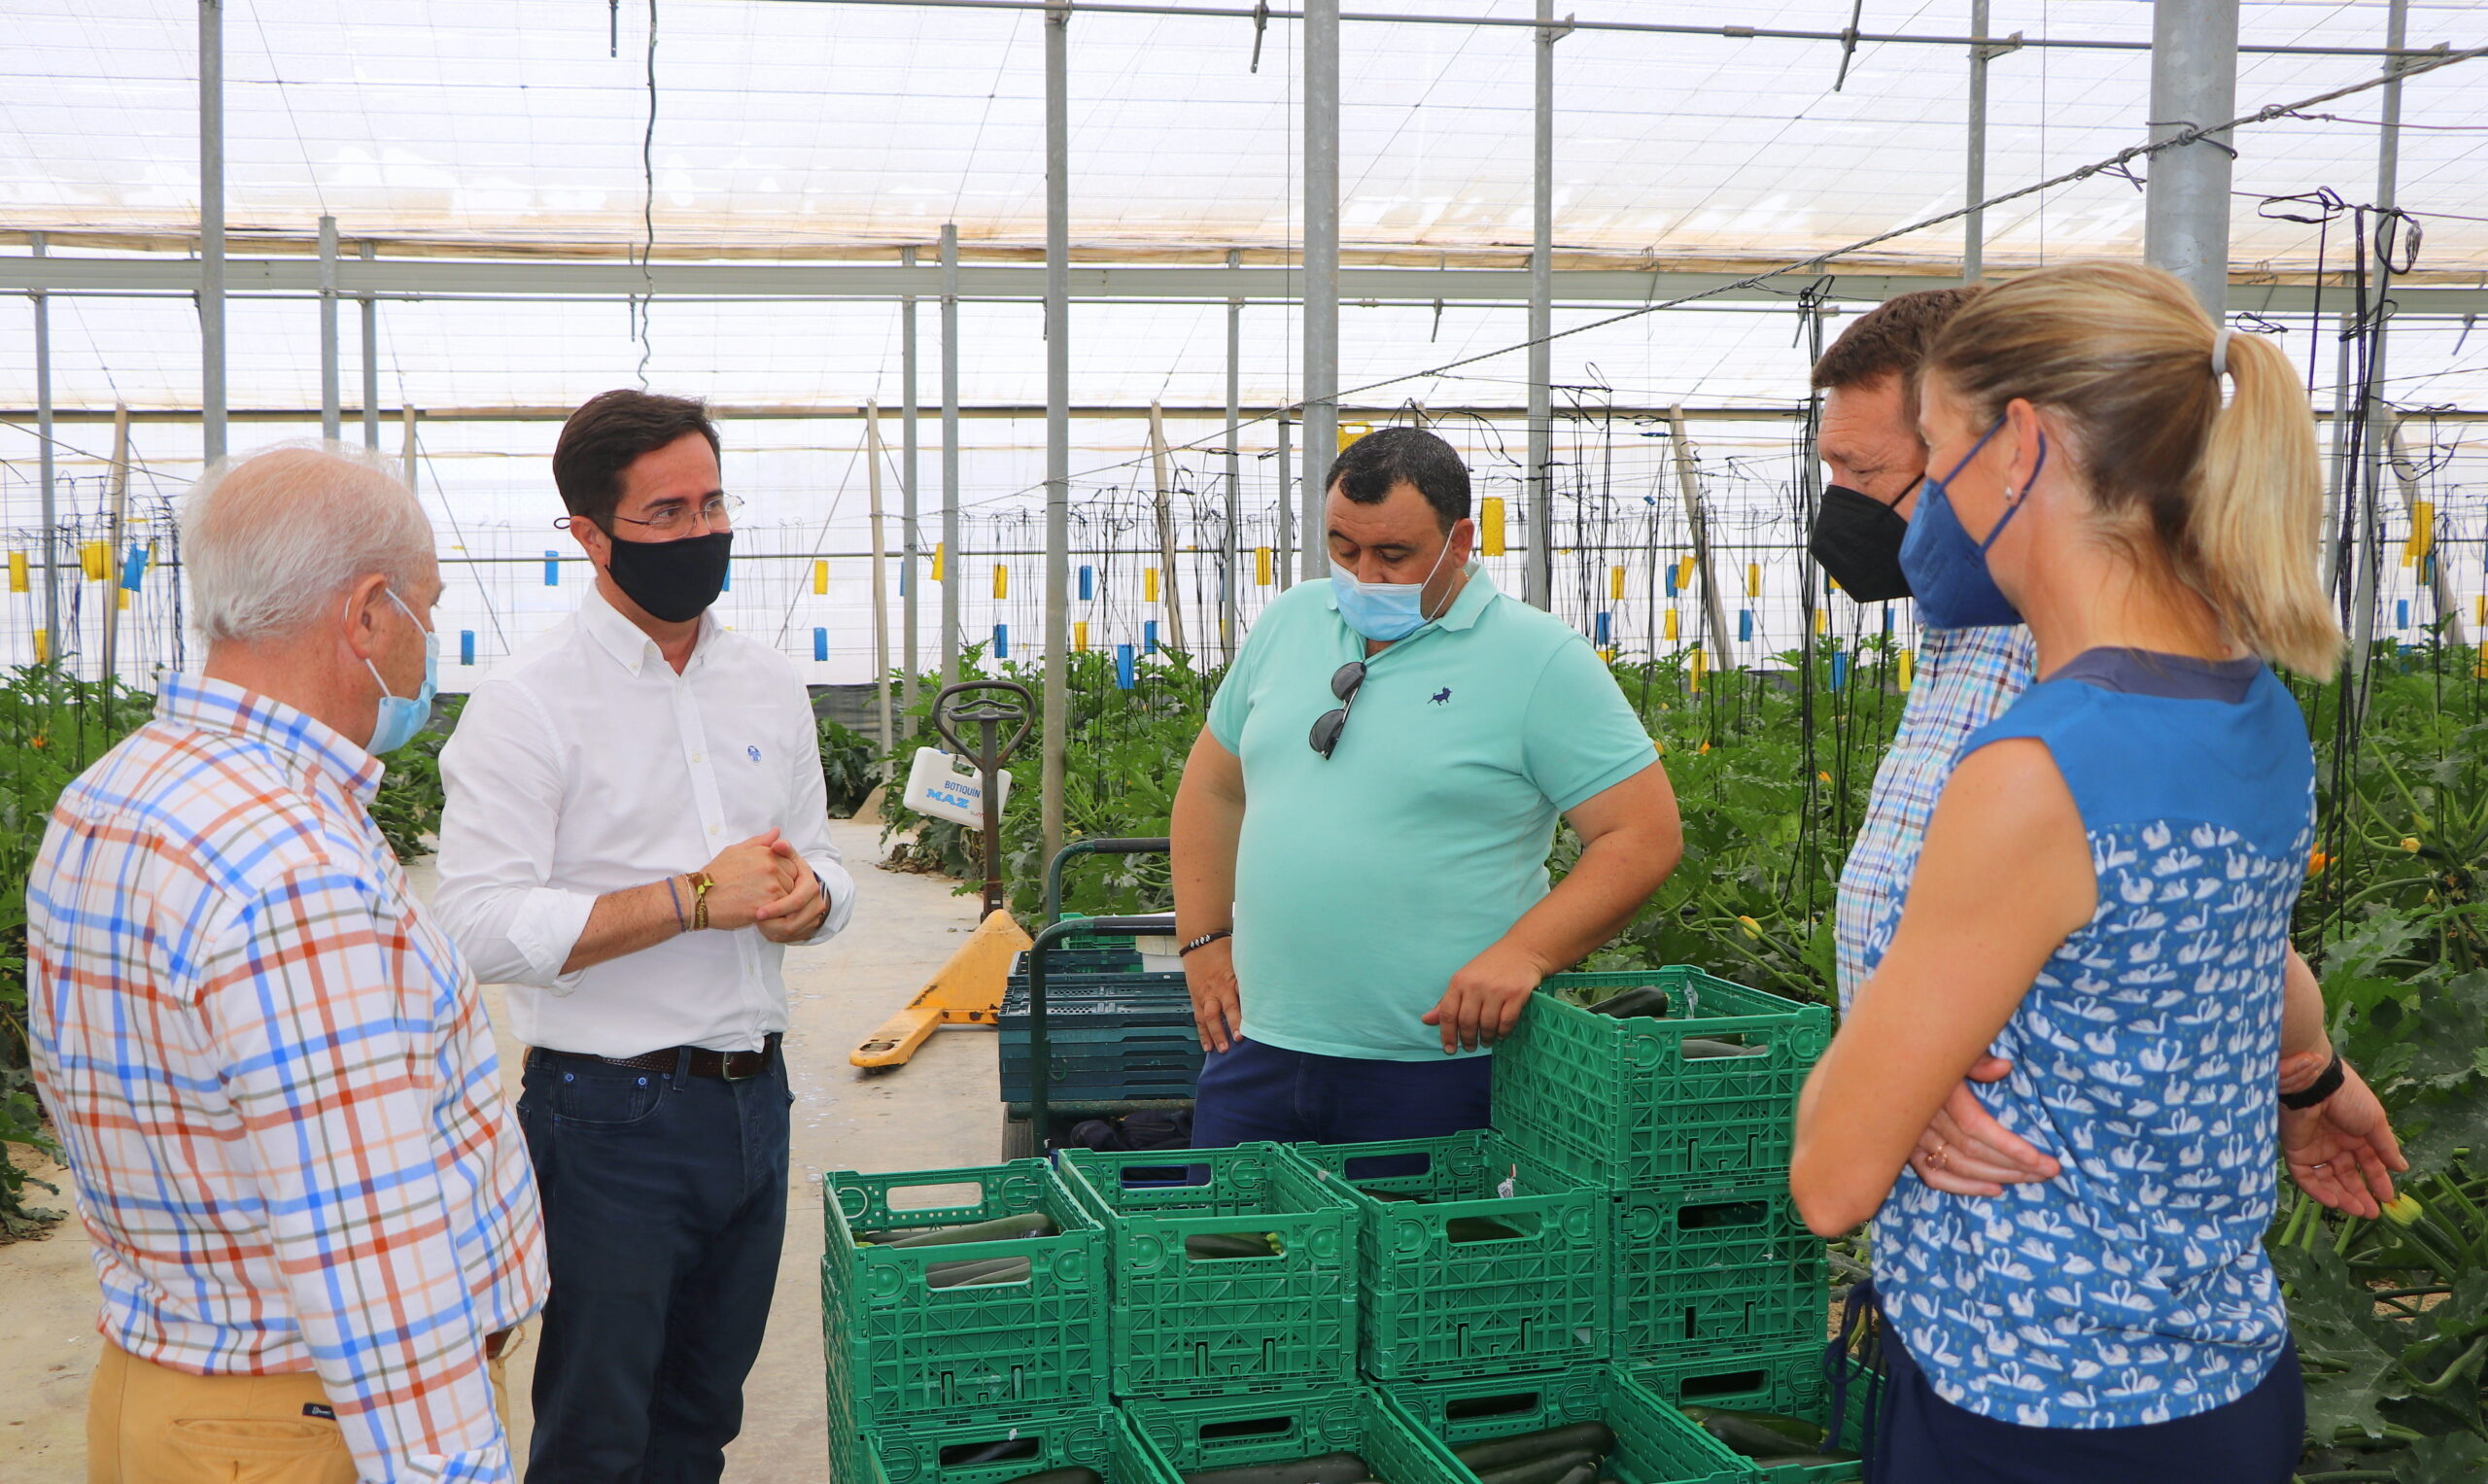 El alcalde visita la finca LQA Thinking Organic, modelo de buenas prácticas en sostenibilidad y agricultura ecológica